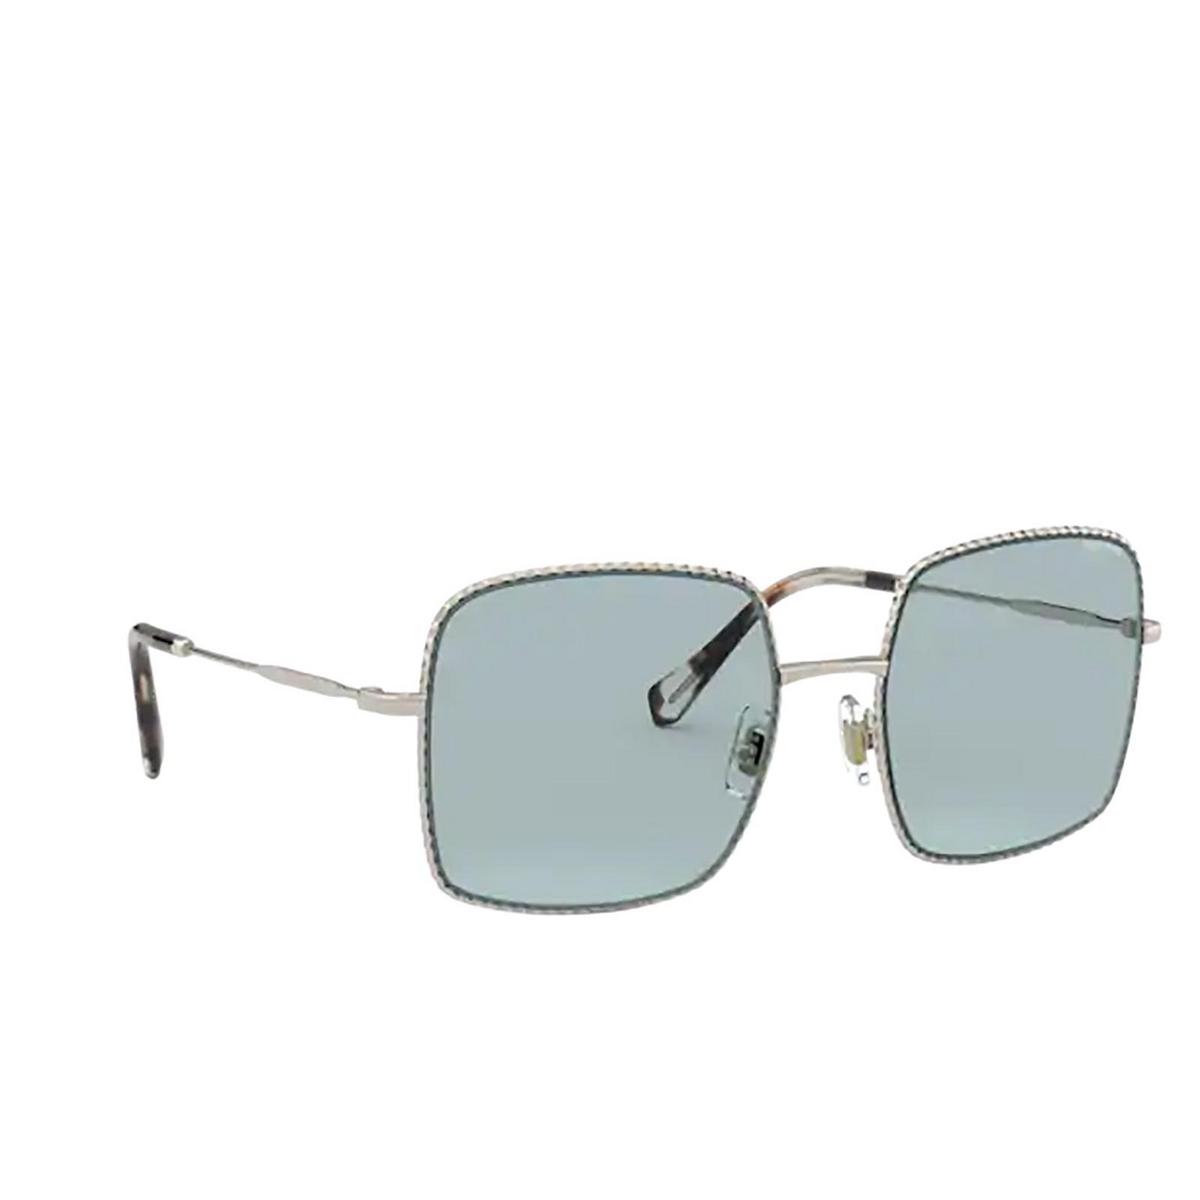 Miu Miu® Square Sunglasses: MU 61VS color Pale Gold ZVN02F.